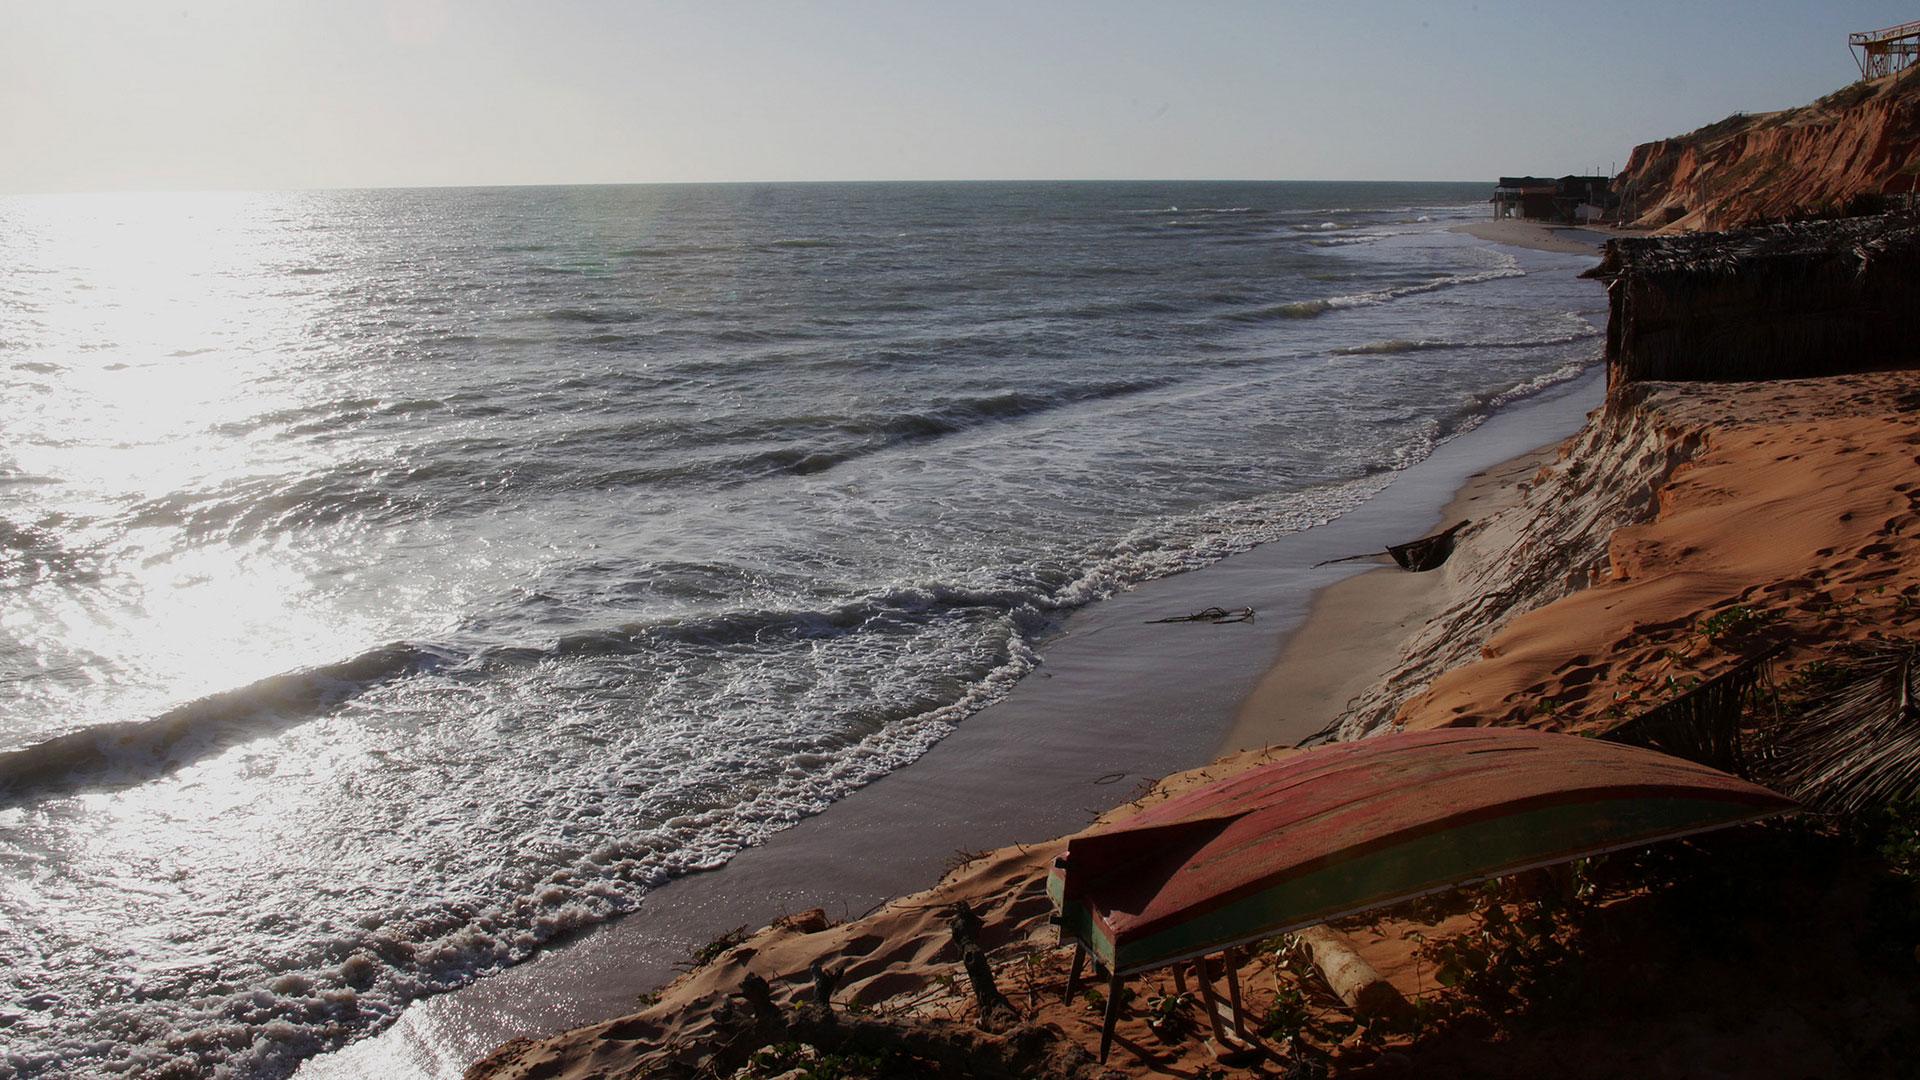 La playa Canoa Quebrada se encuentra a 150 kilómetros de Fortaleza, un paisaje formado por acantilados y arenas coloridas junto a un pintoresco pueblo de pescadores